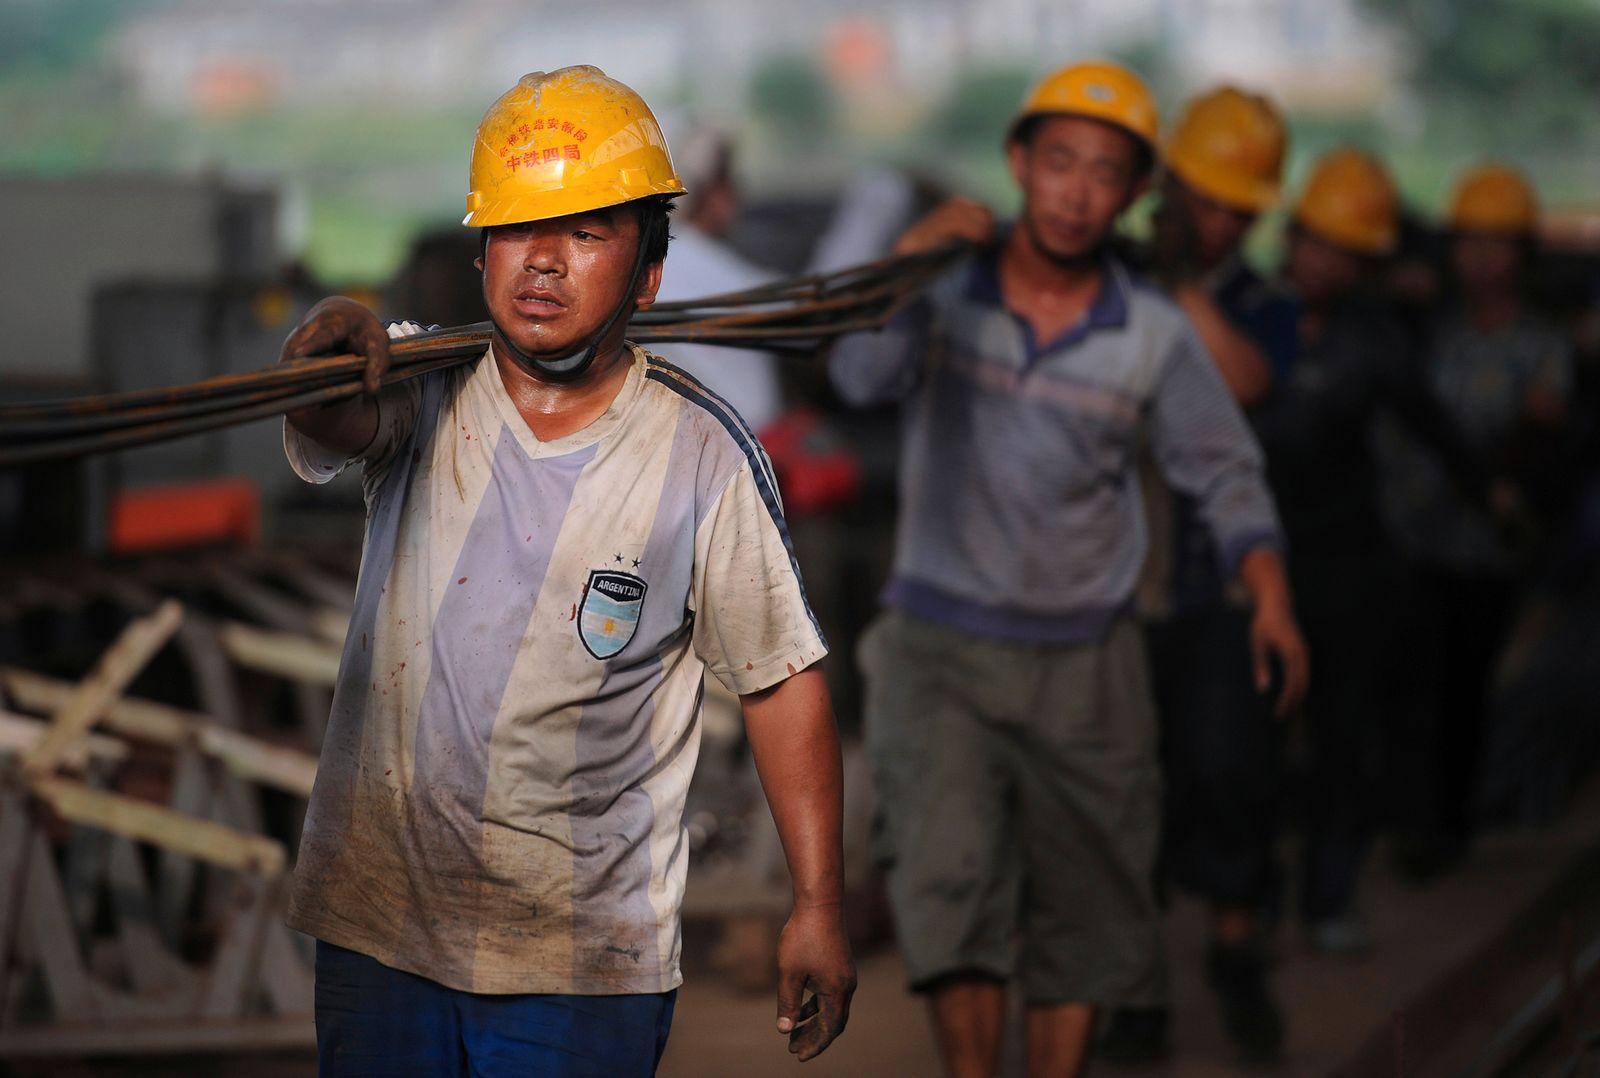 CHINA-BONDS/RAILWAYS